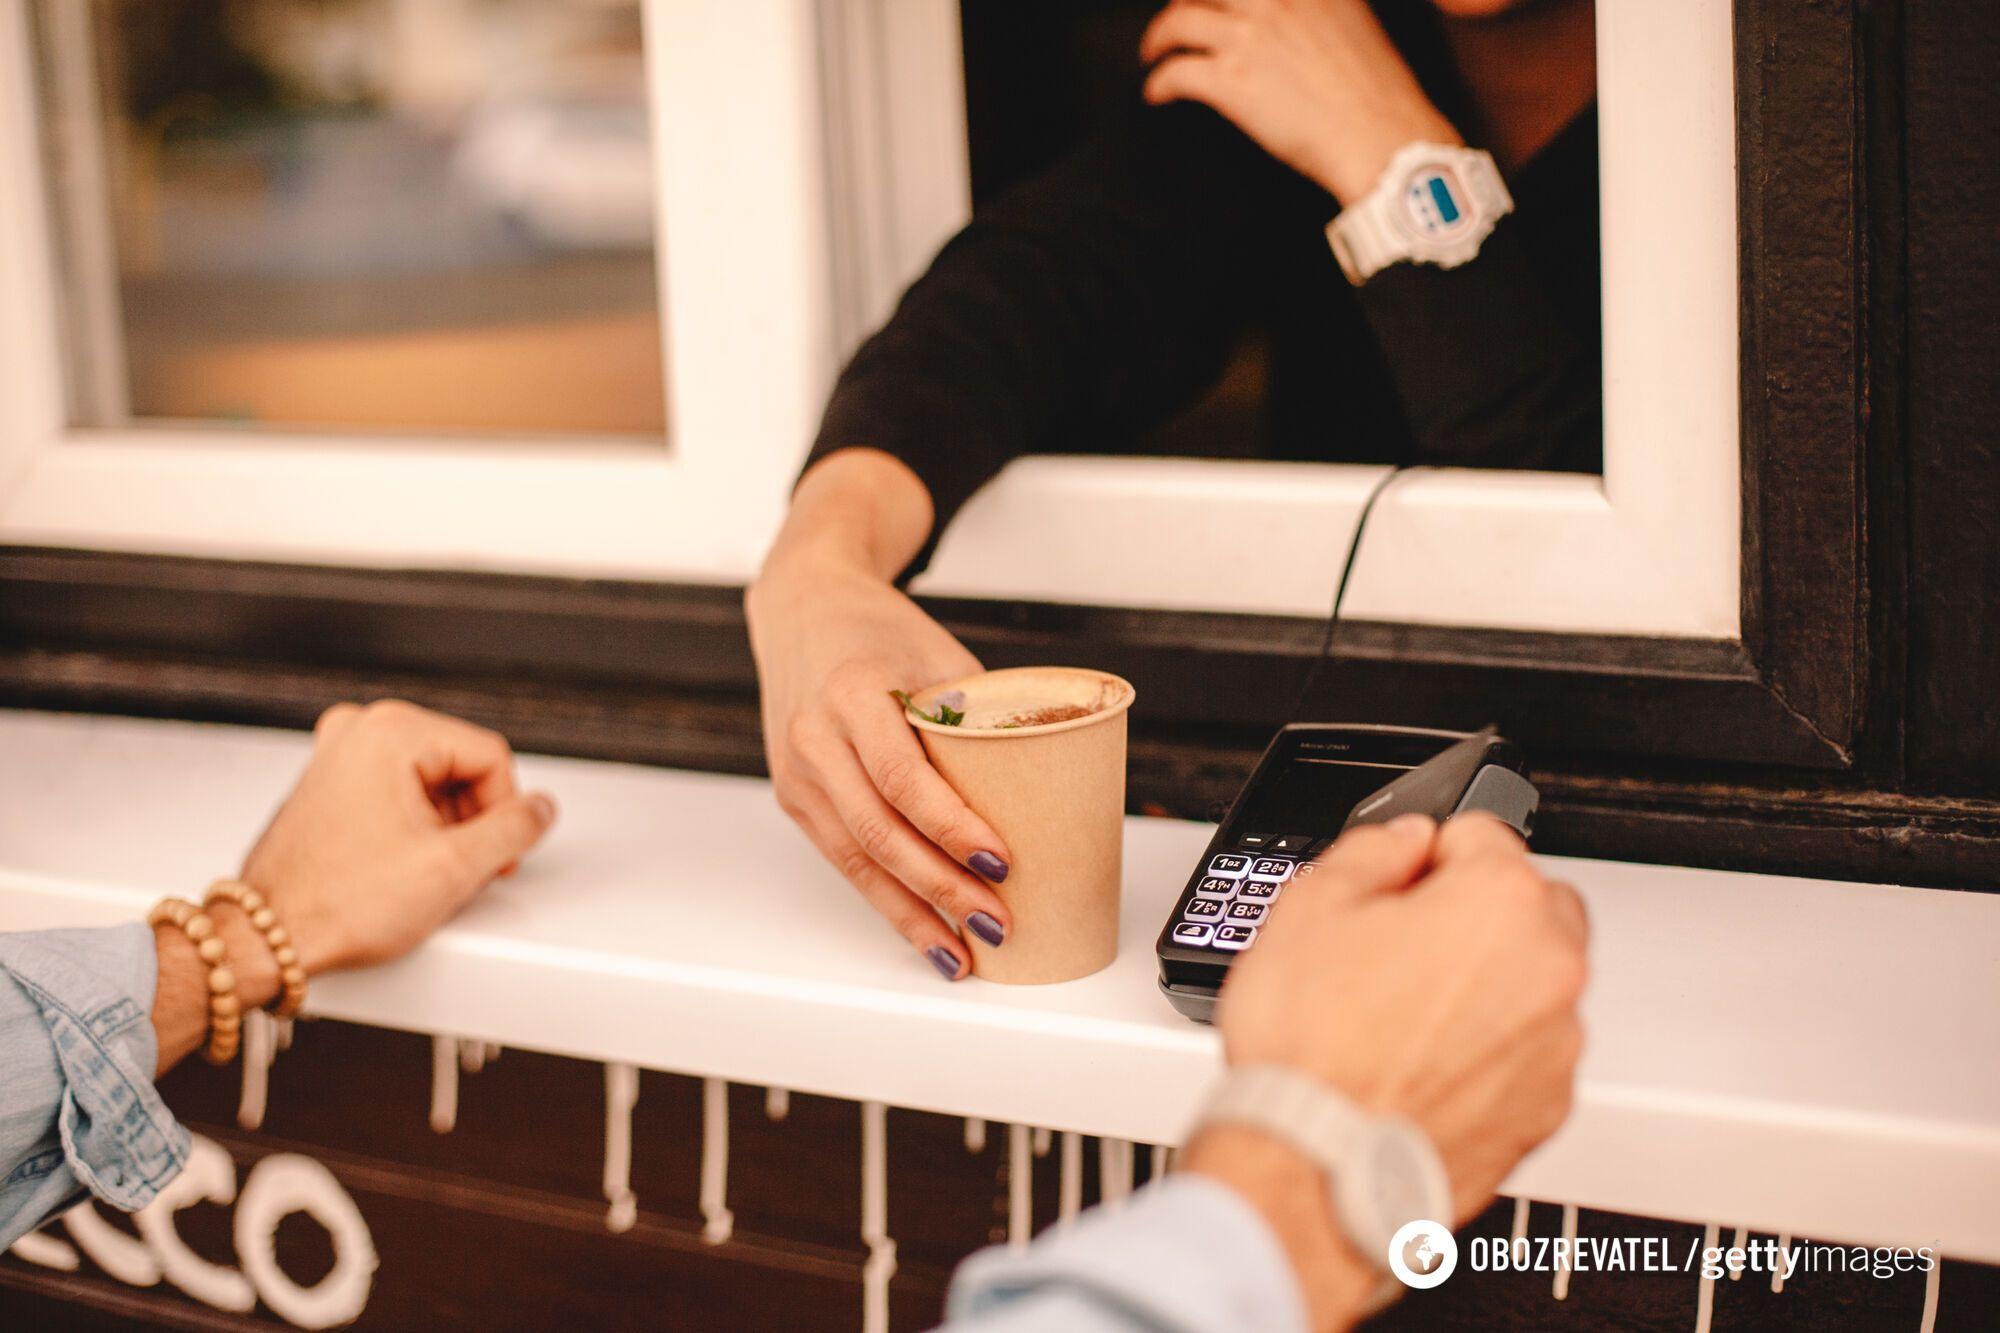 Купуючи розчинну каву, потрібно вимагати чек у продавця